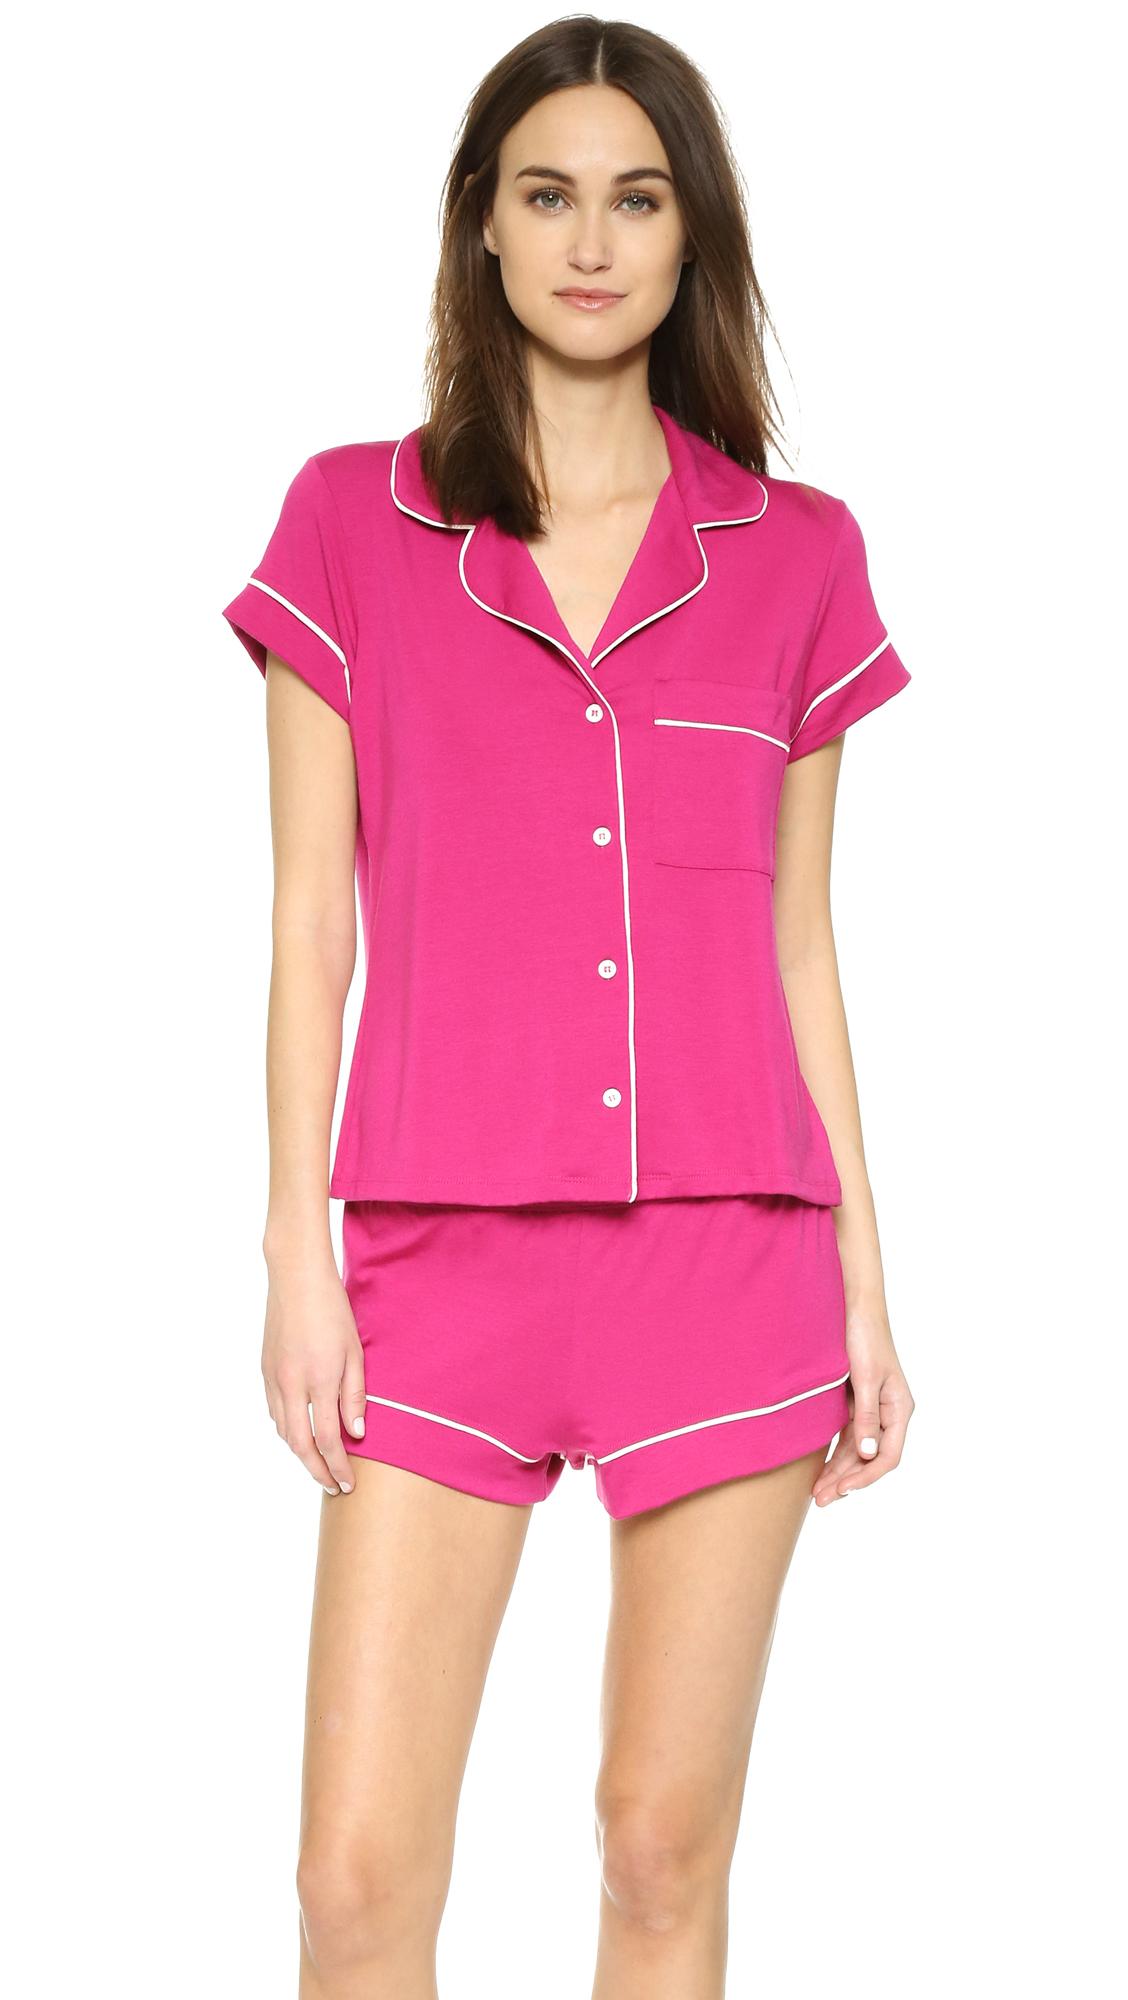 8be120a2c7 Eberjey Gisele Short Pj Set in Pink - Lyst